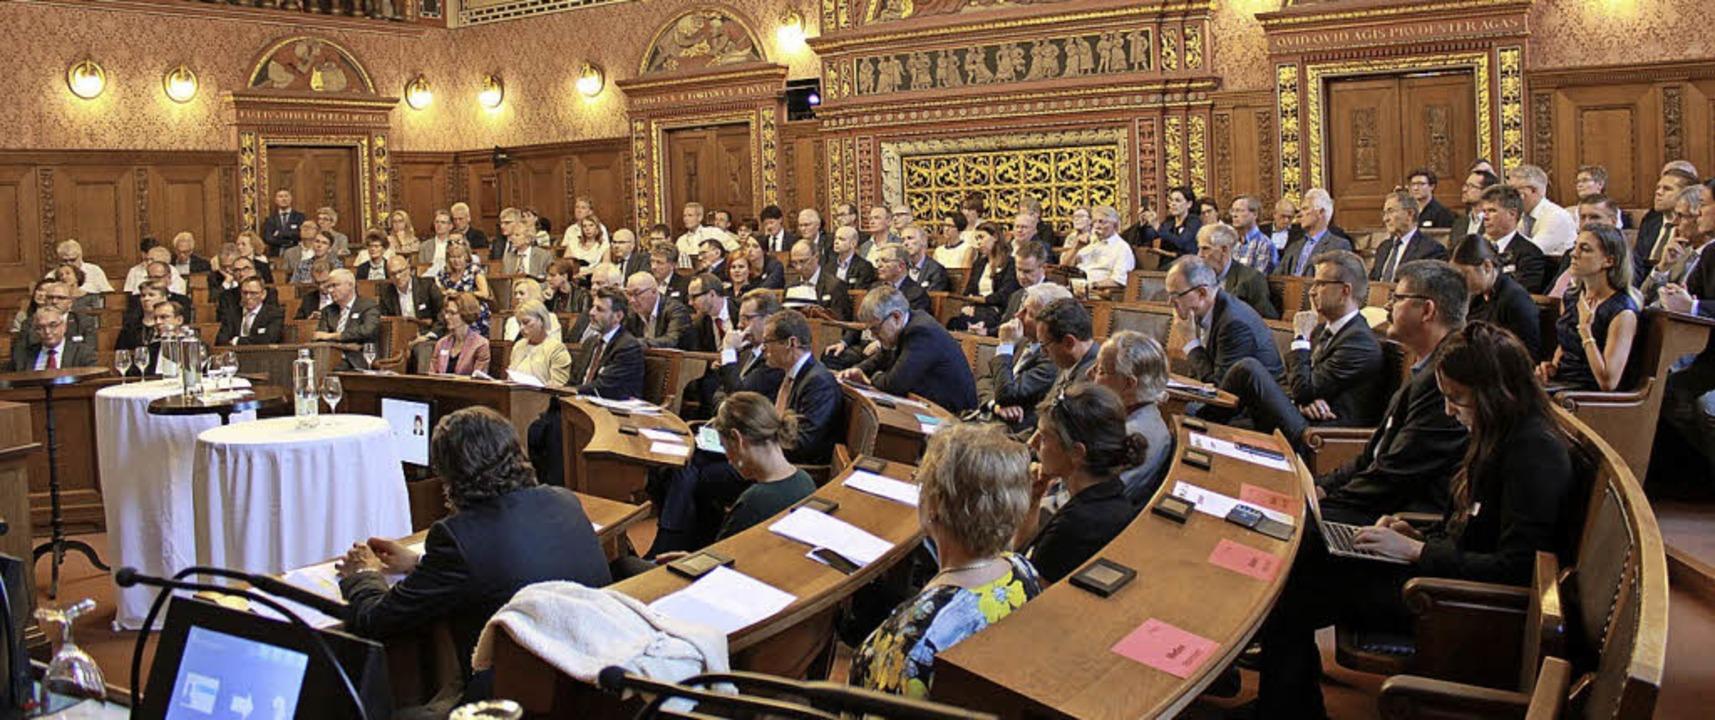 Mehr als 200 Gäste  im Basler Großratssaal   | Foto: Metrobasel